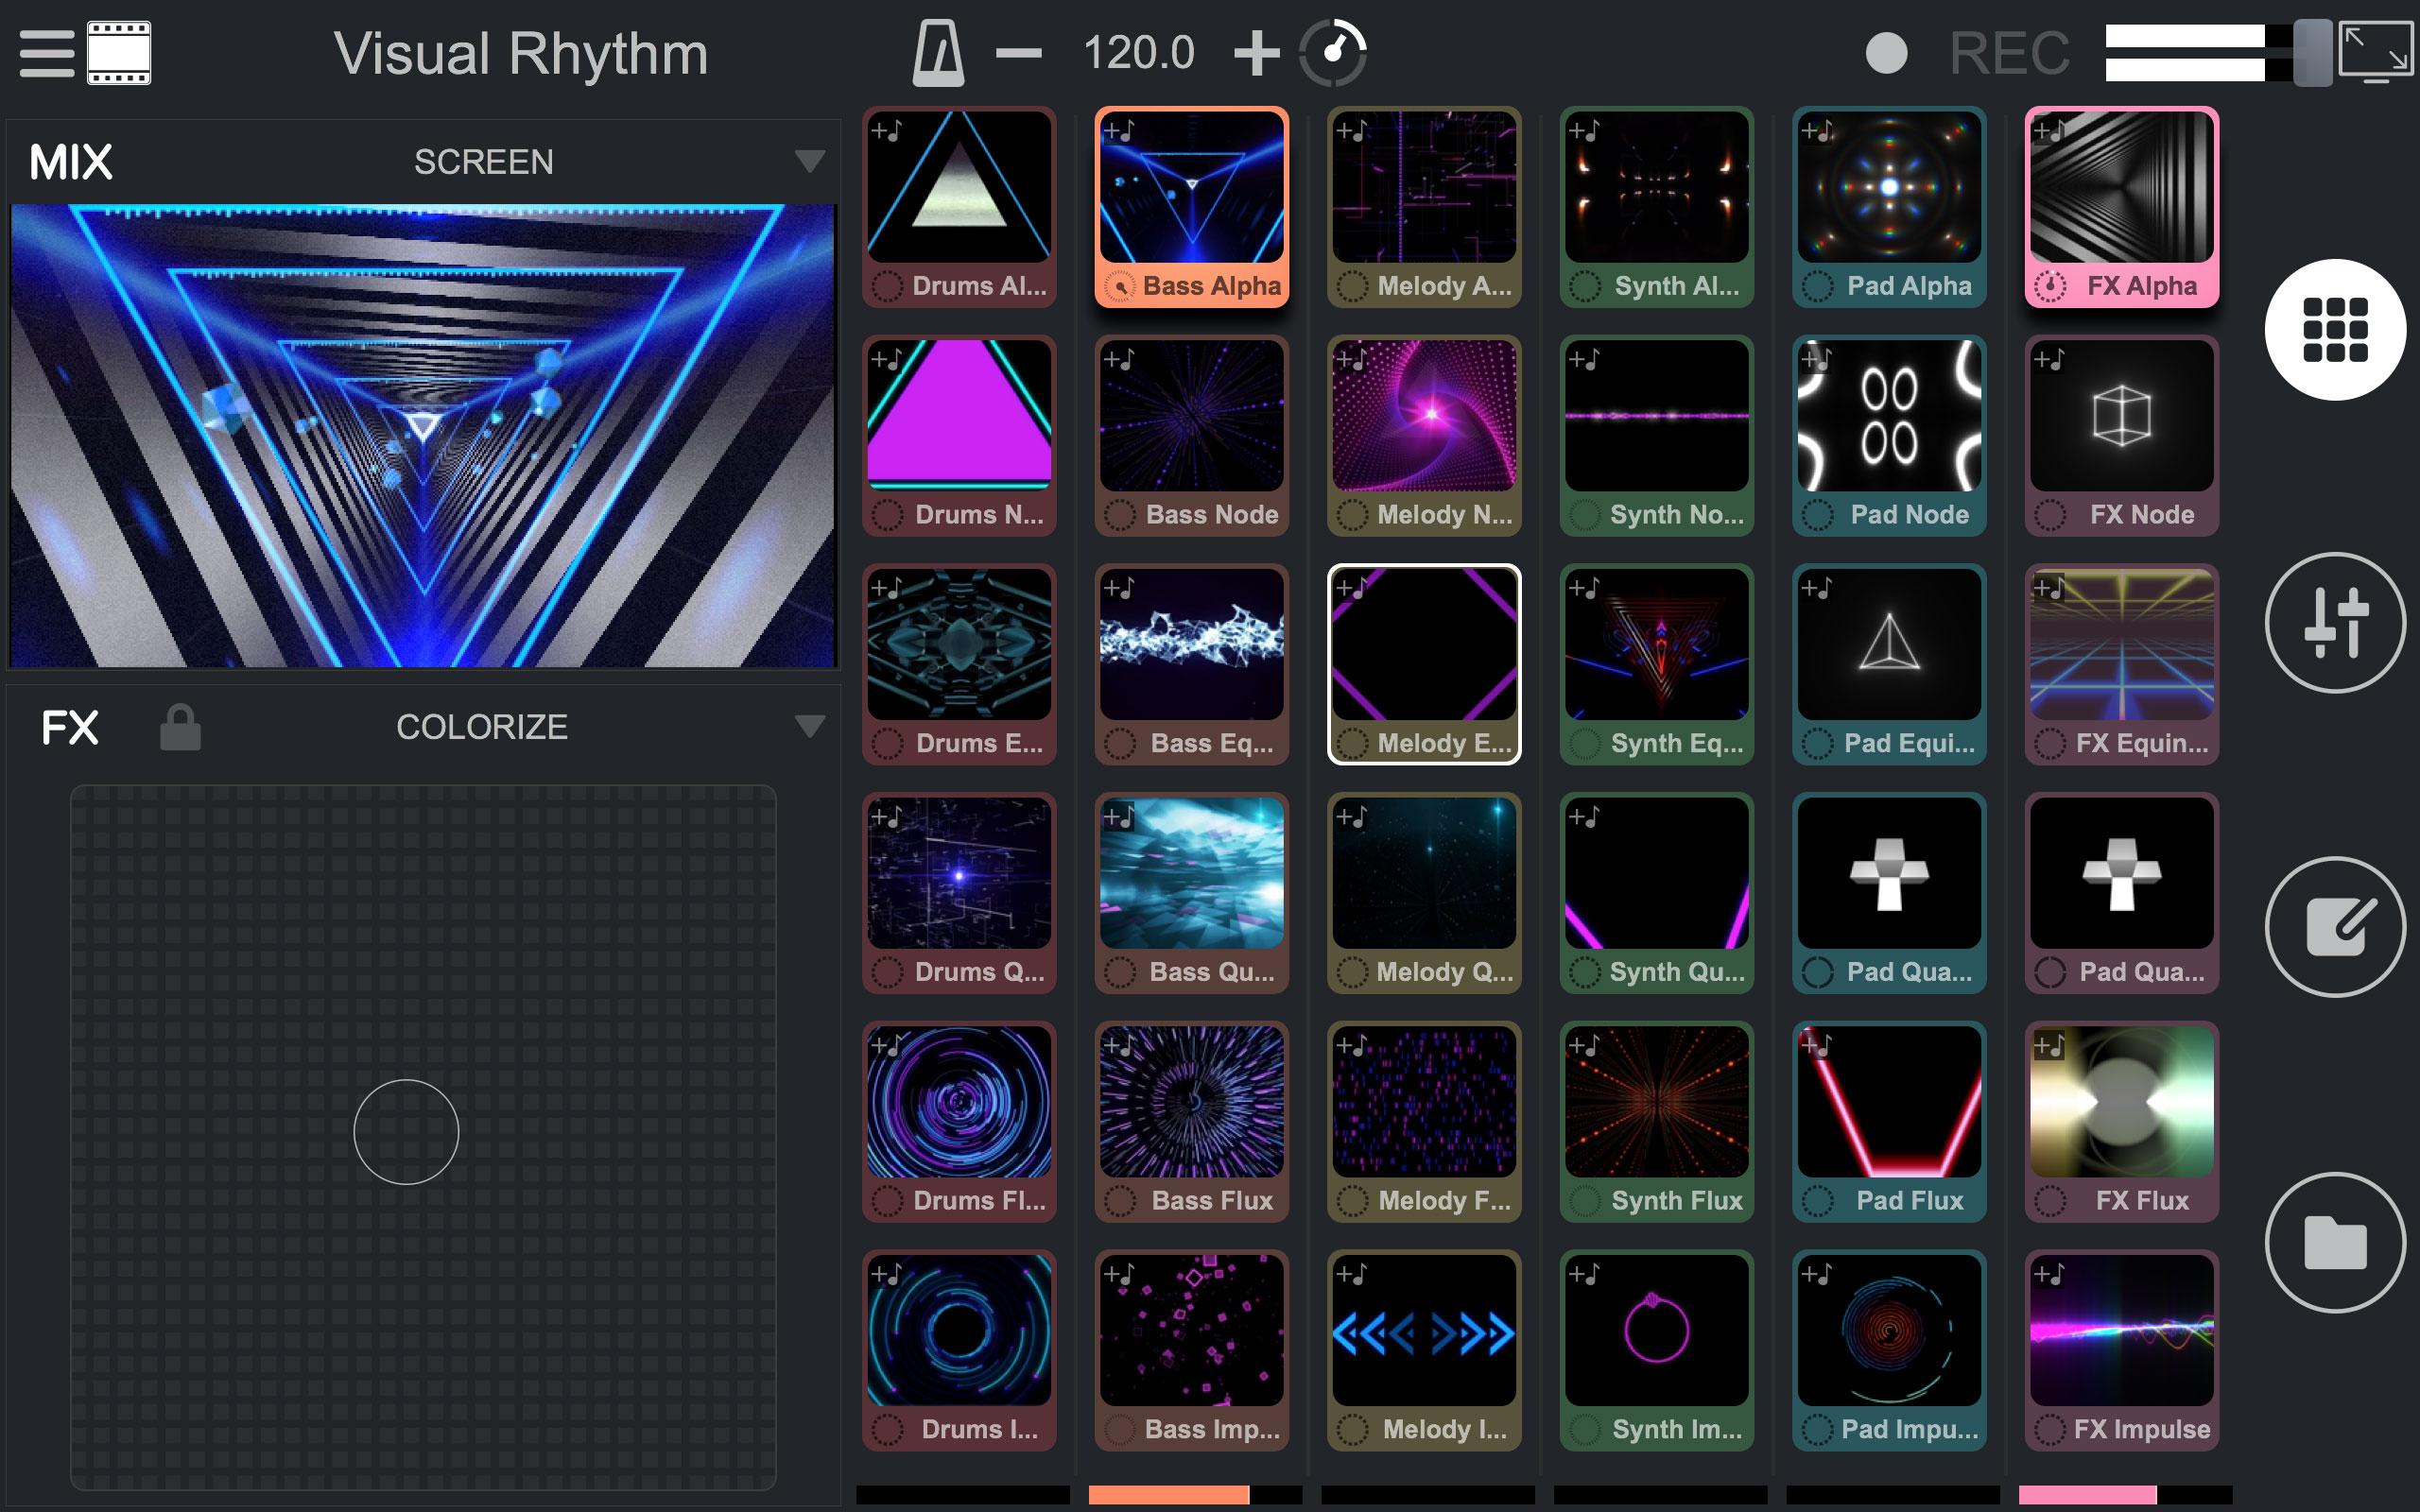 sortie du logiciel de mixage audio et vid o mixvibes remixvideo pour mac os x vjing djing. Black Bedroom Furniture Sets. Home Design Ideas